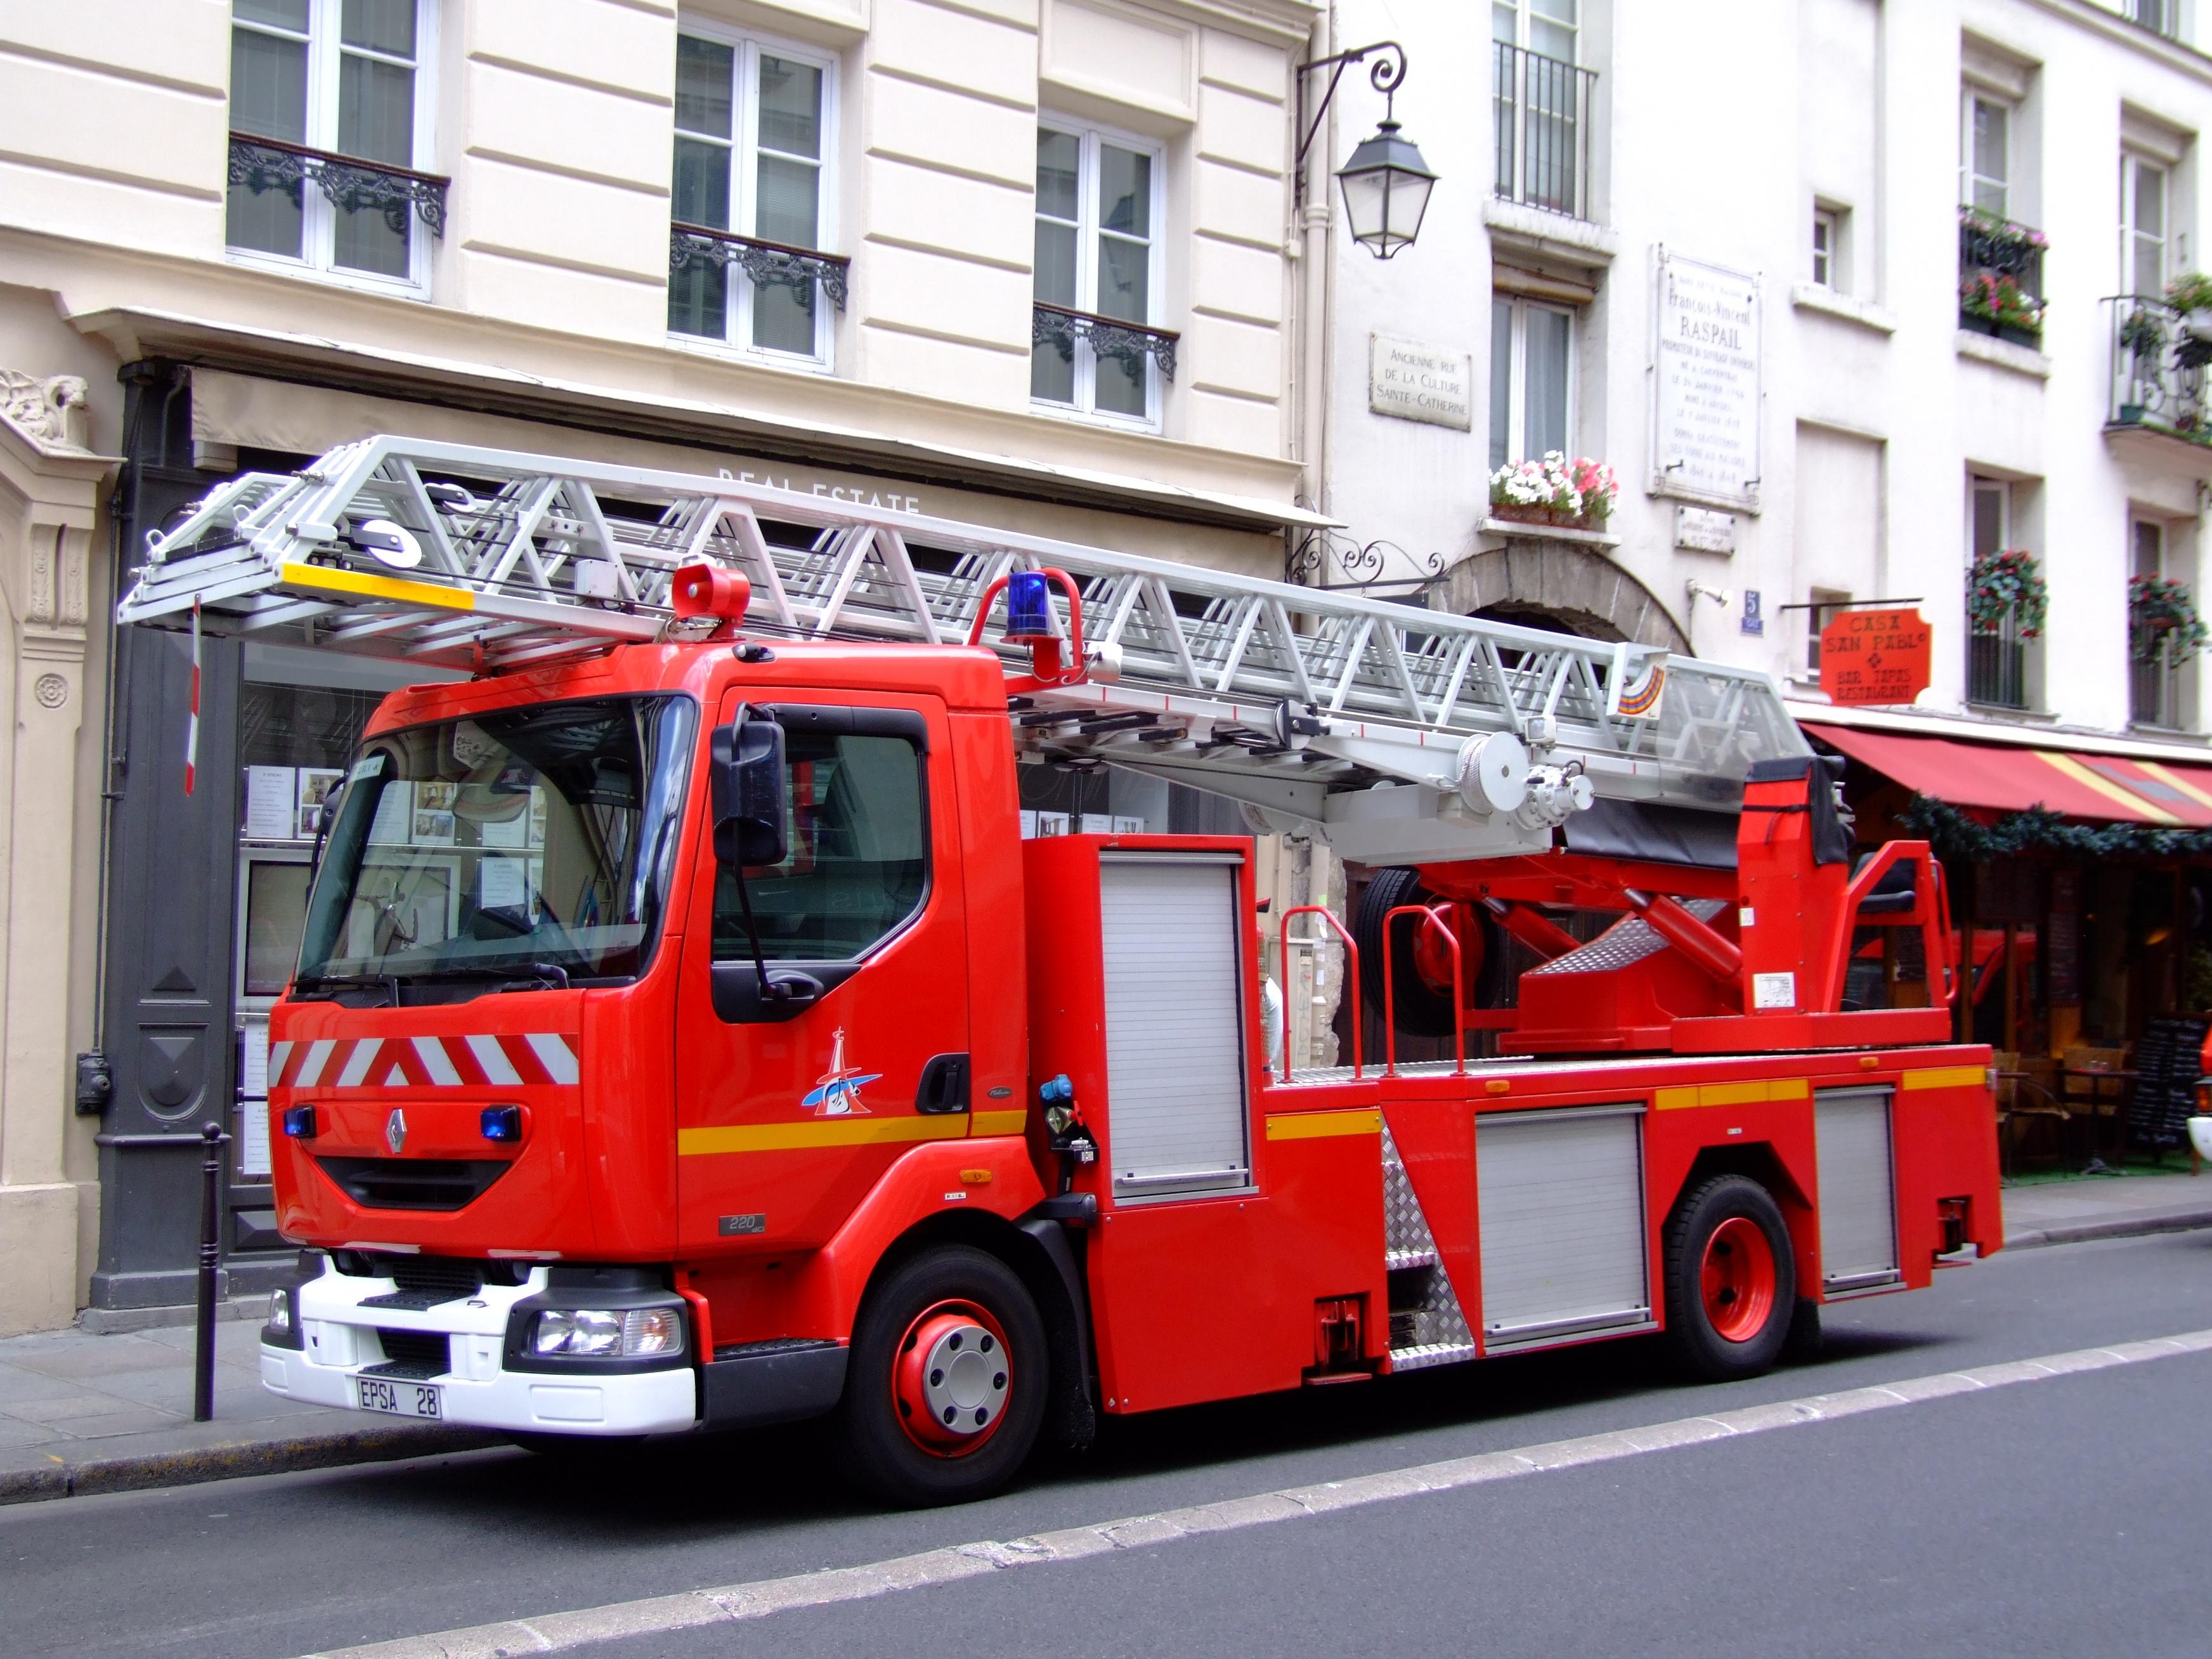 fichier sapeurs pompiers de paris renault 220 dci jpg wikip dia. Black Bedroom Furniture Sets. Home Design Ideas